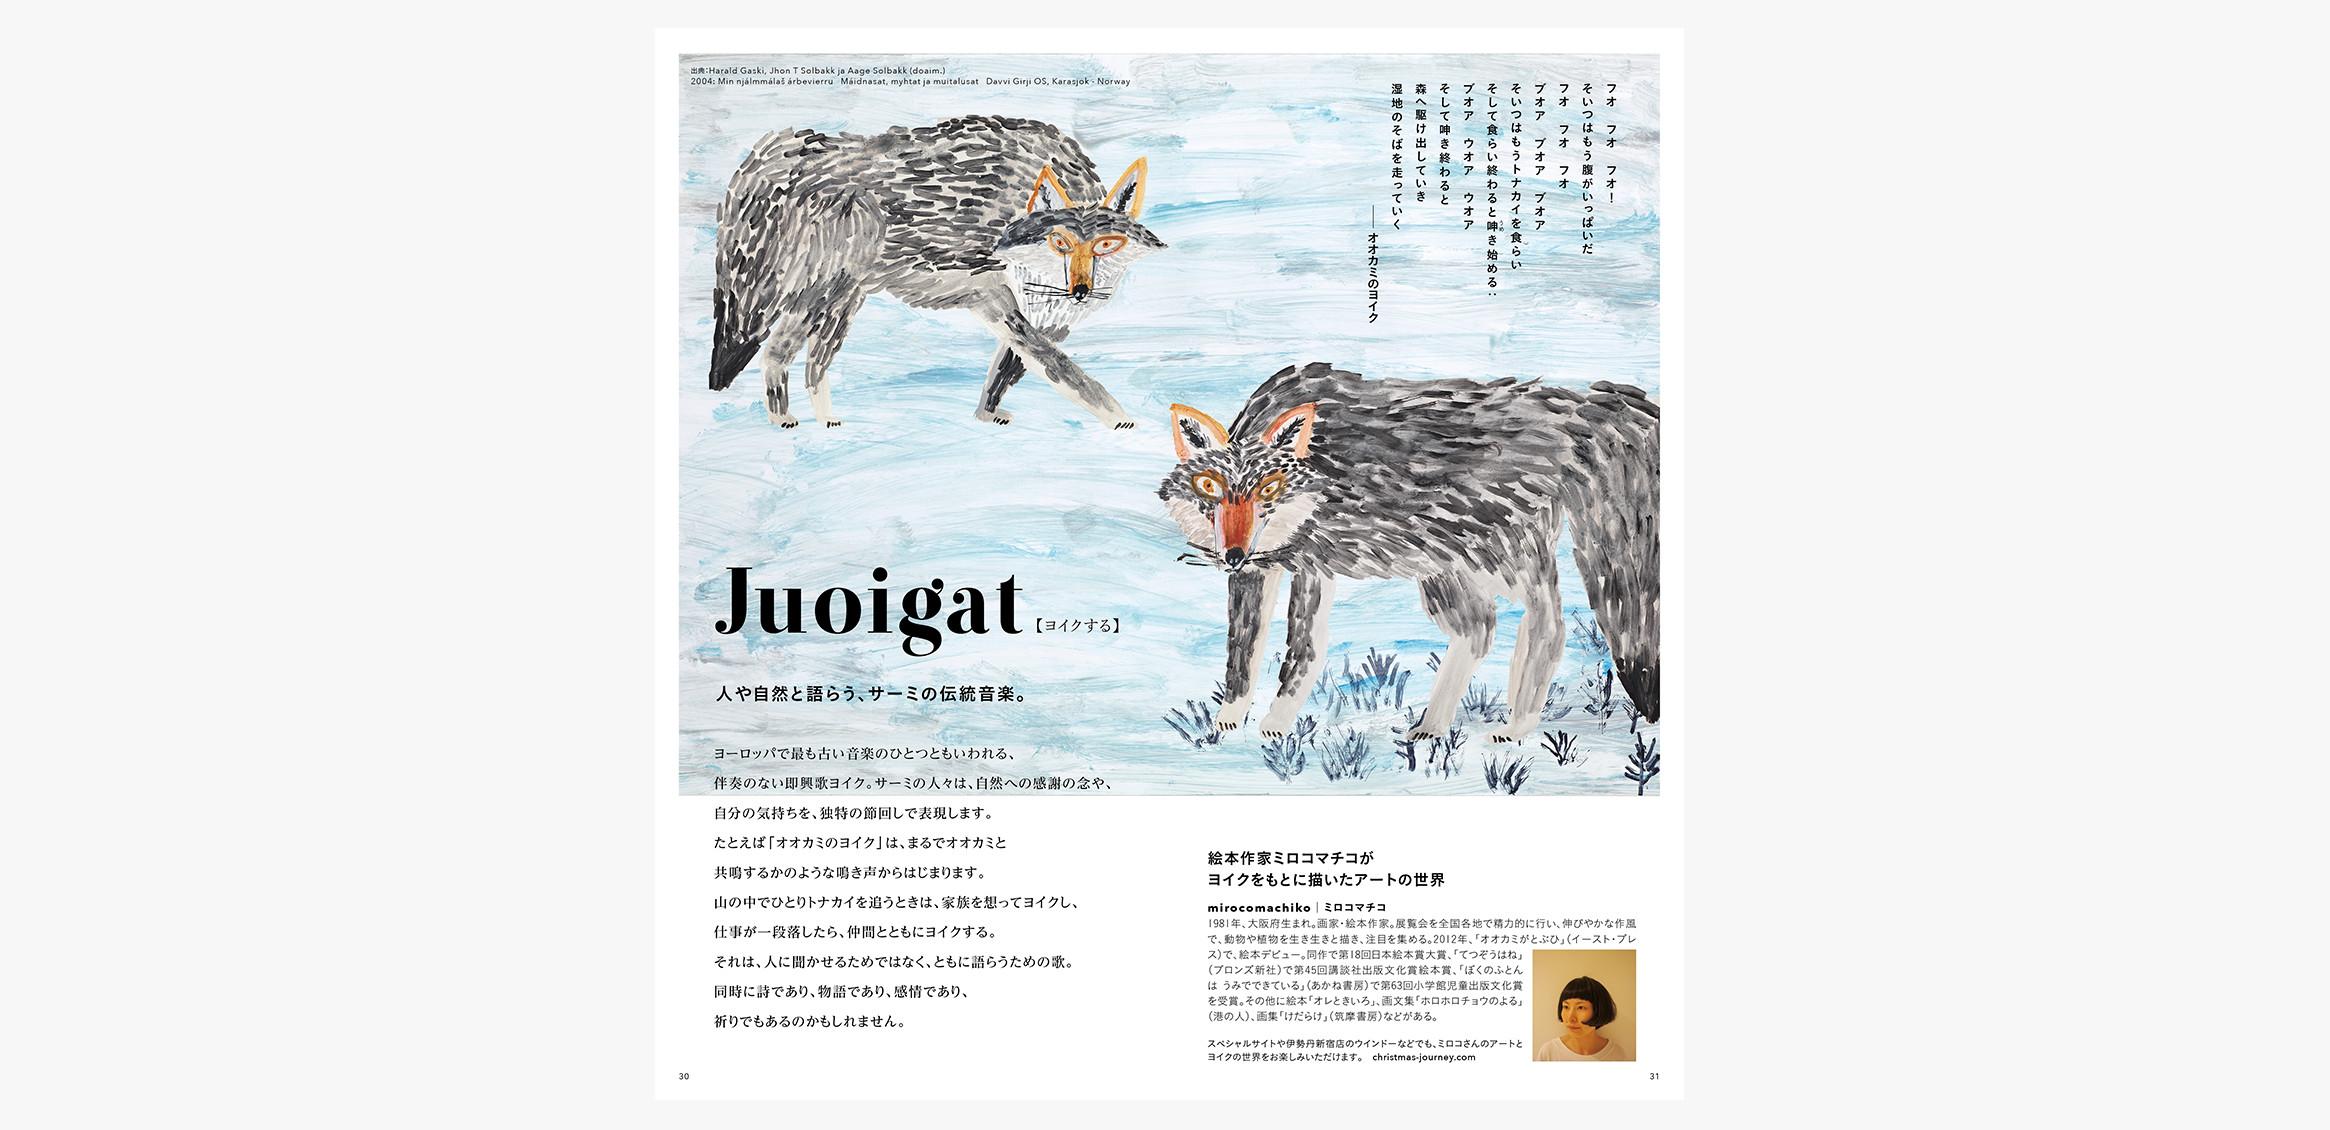 伊勢丹クリスマスキャンペーン2014 リーフレット5枚目